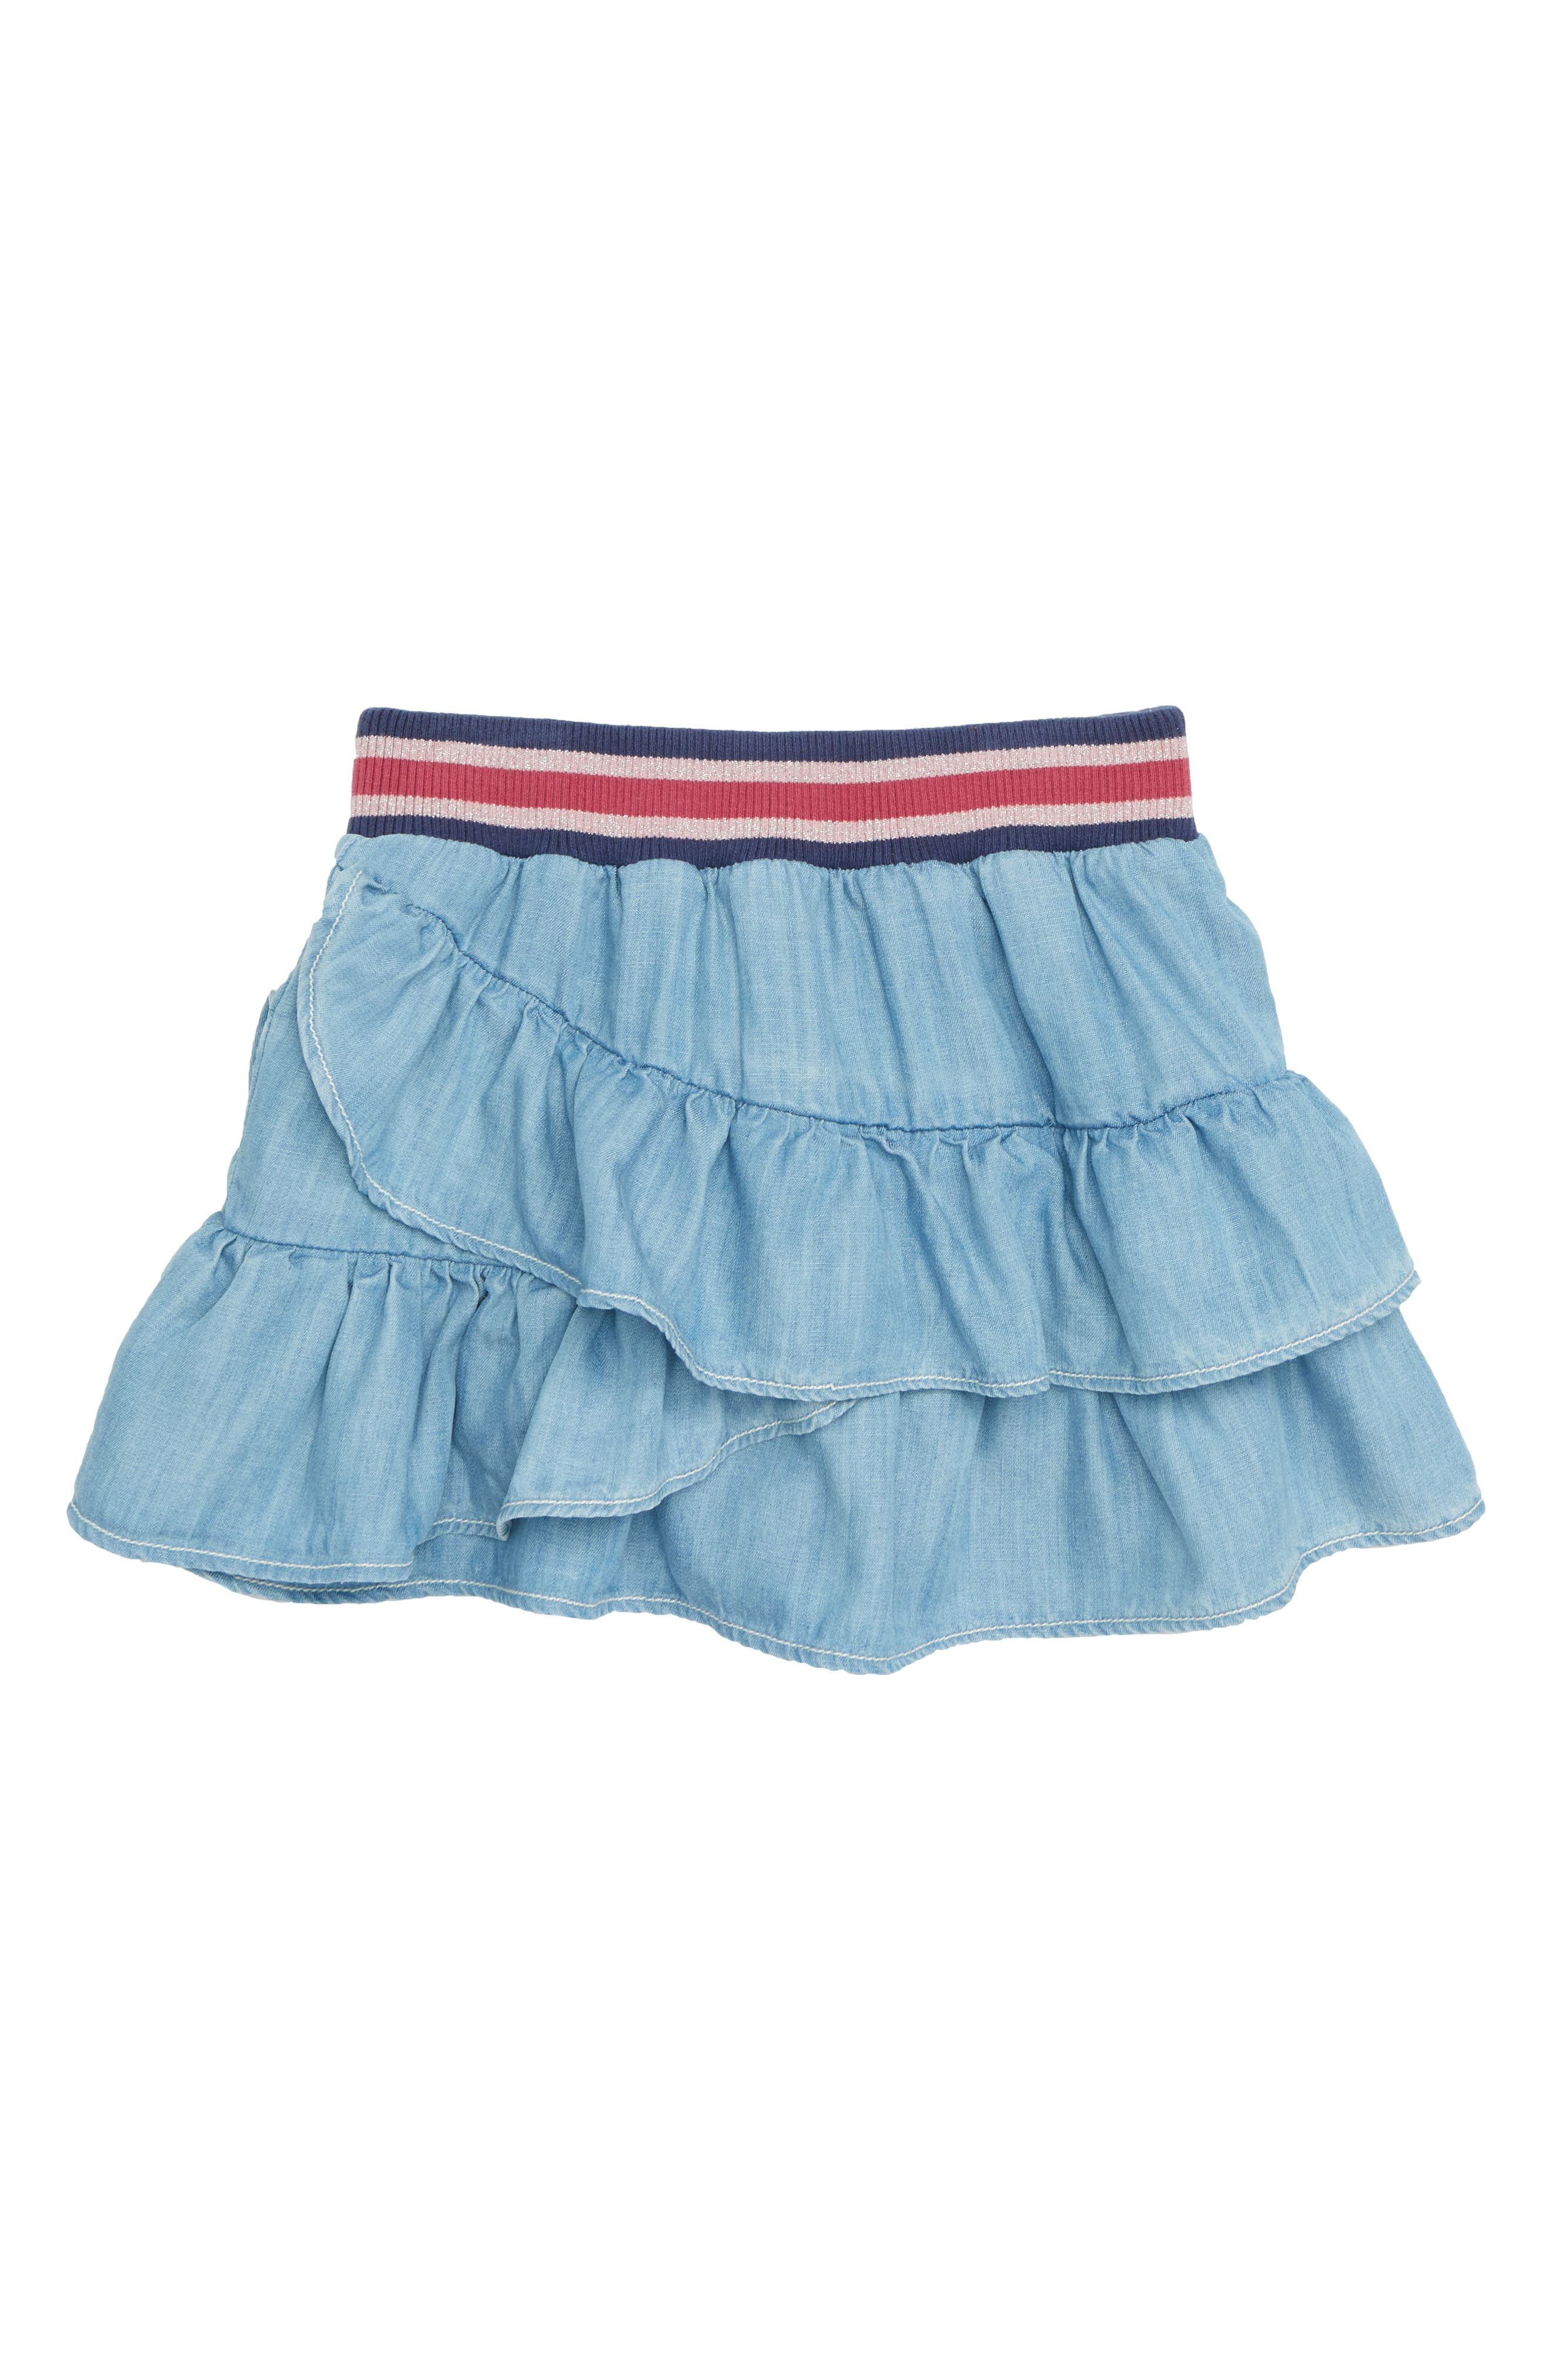 Jolene Skirt,                             Main thumbnail 1, color,                             400